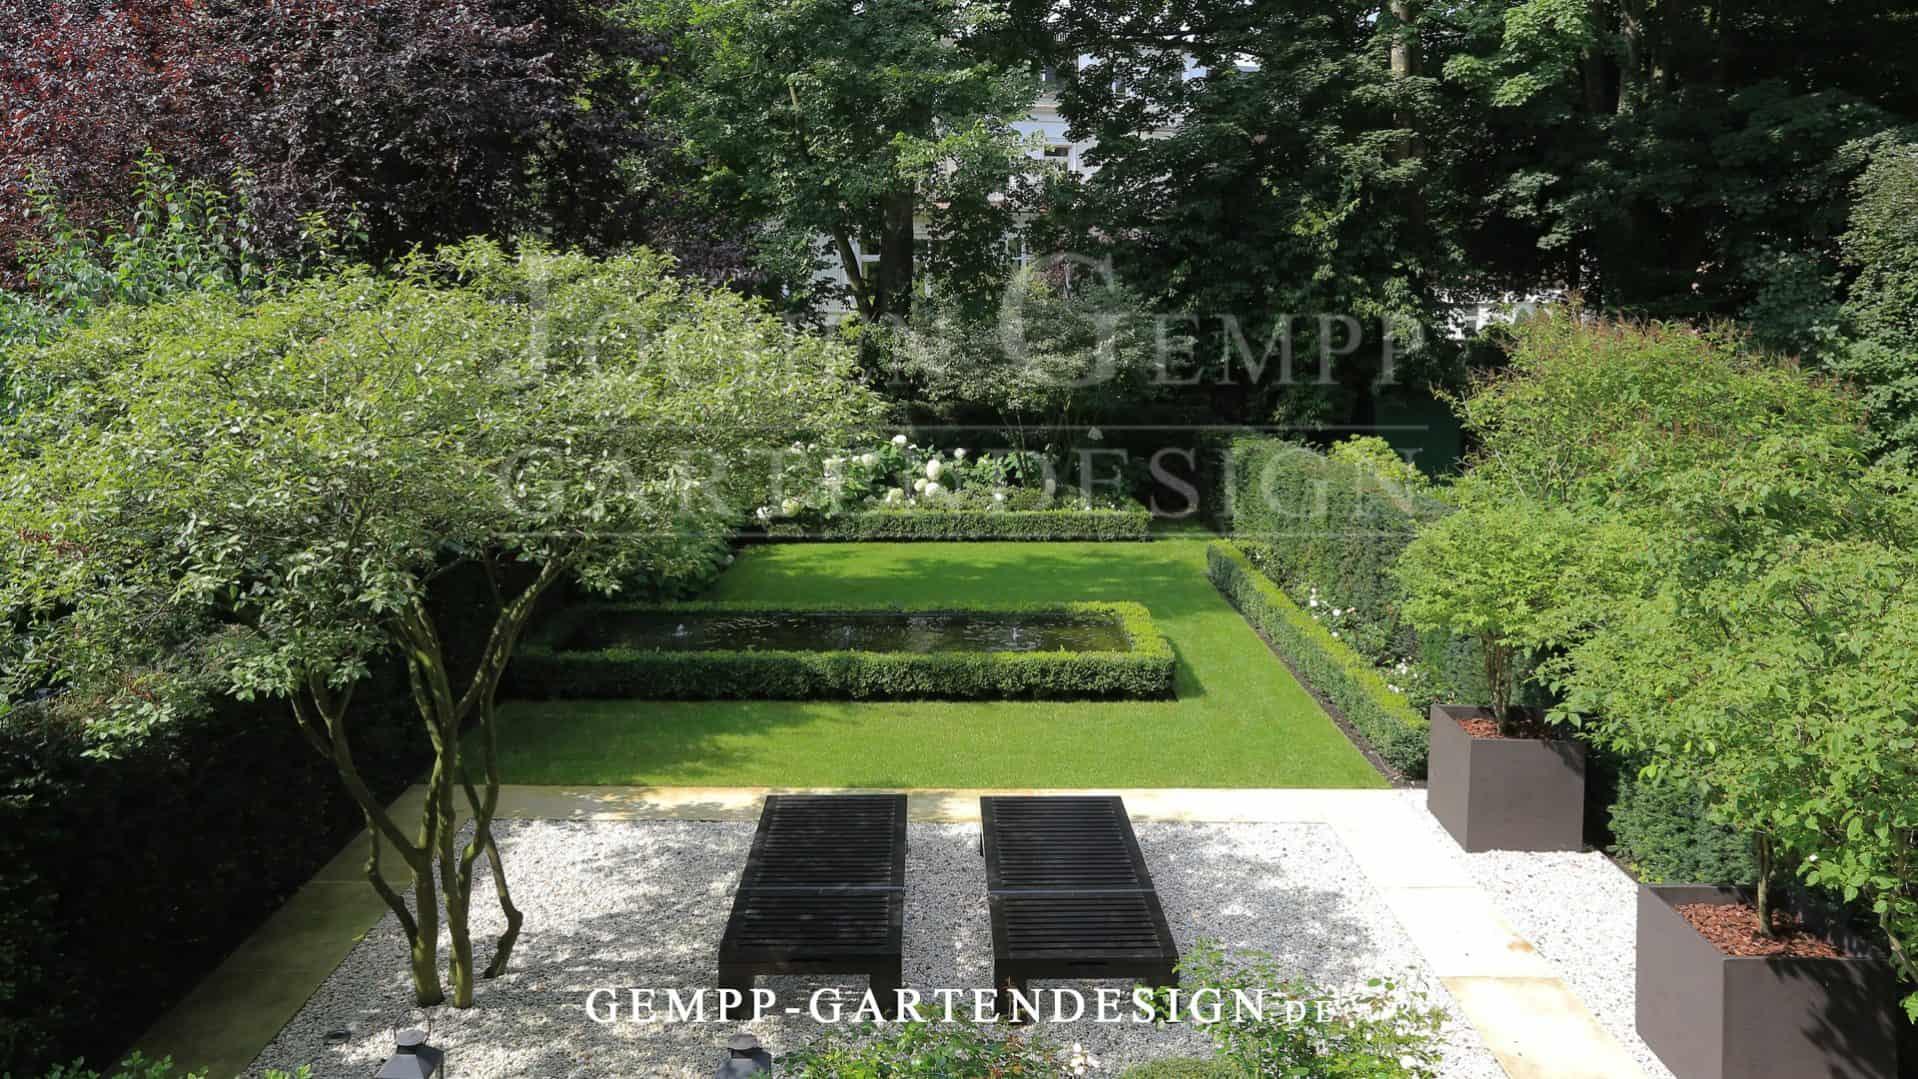 Gartenplanung Gartengestaltung Gartenbau Hamburg Hannover, Bremen Kiel